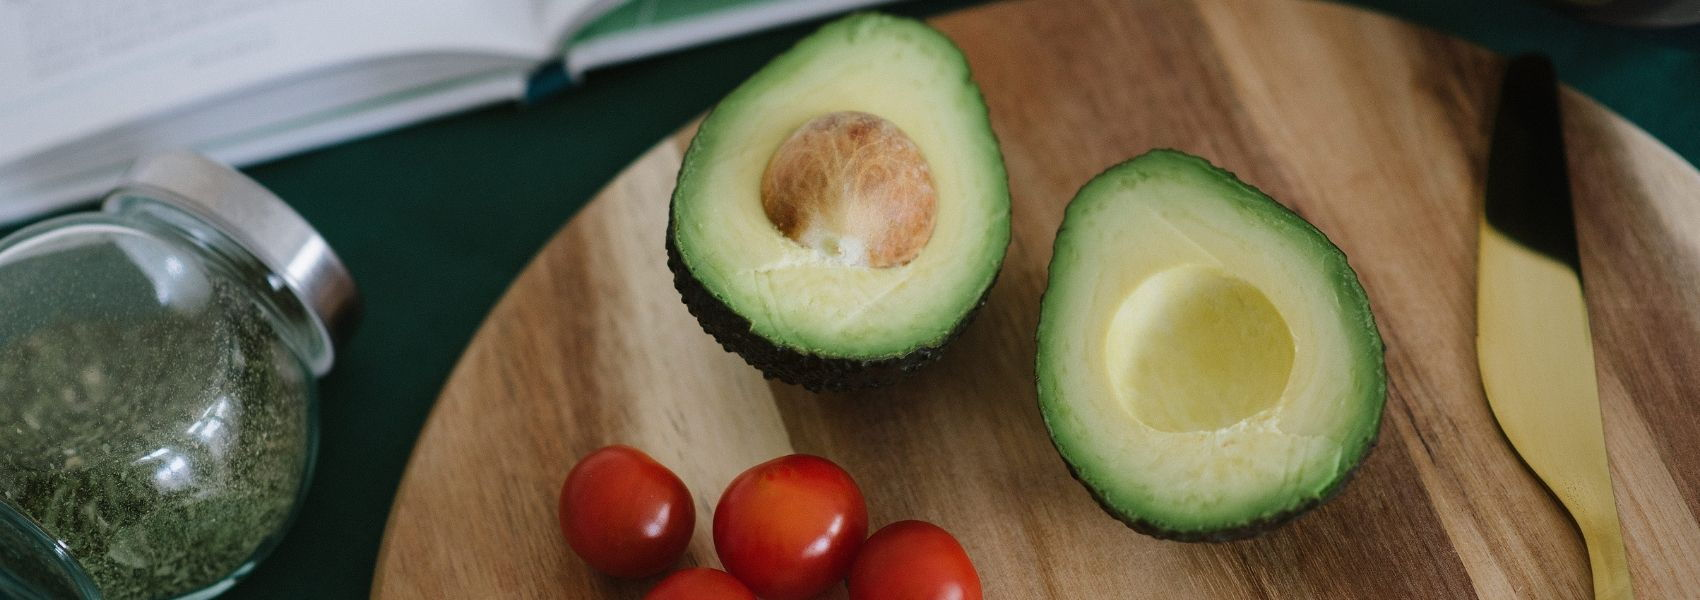 abacates reduzem o apetite